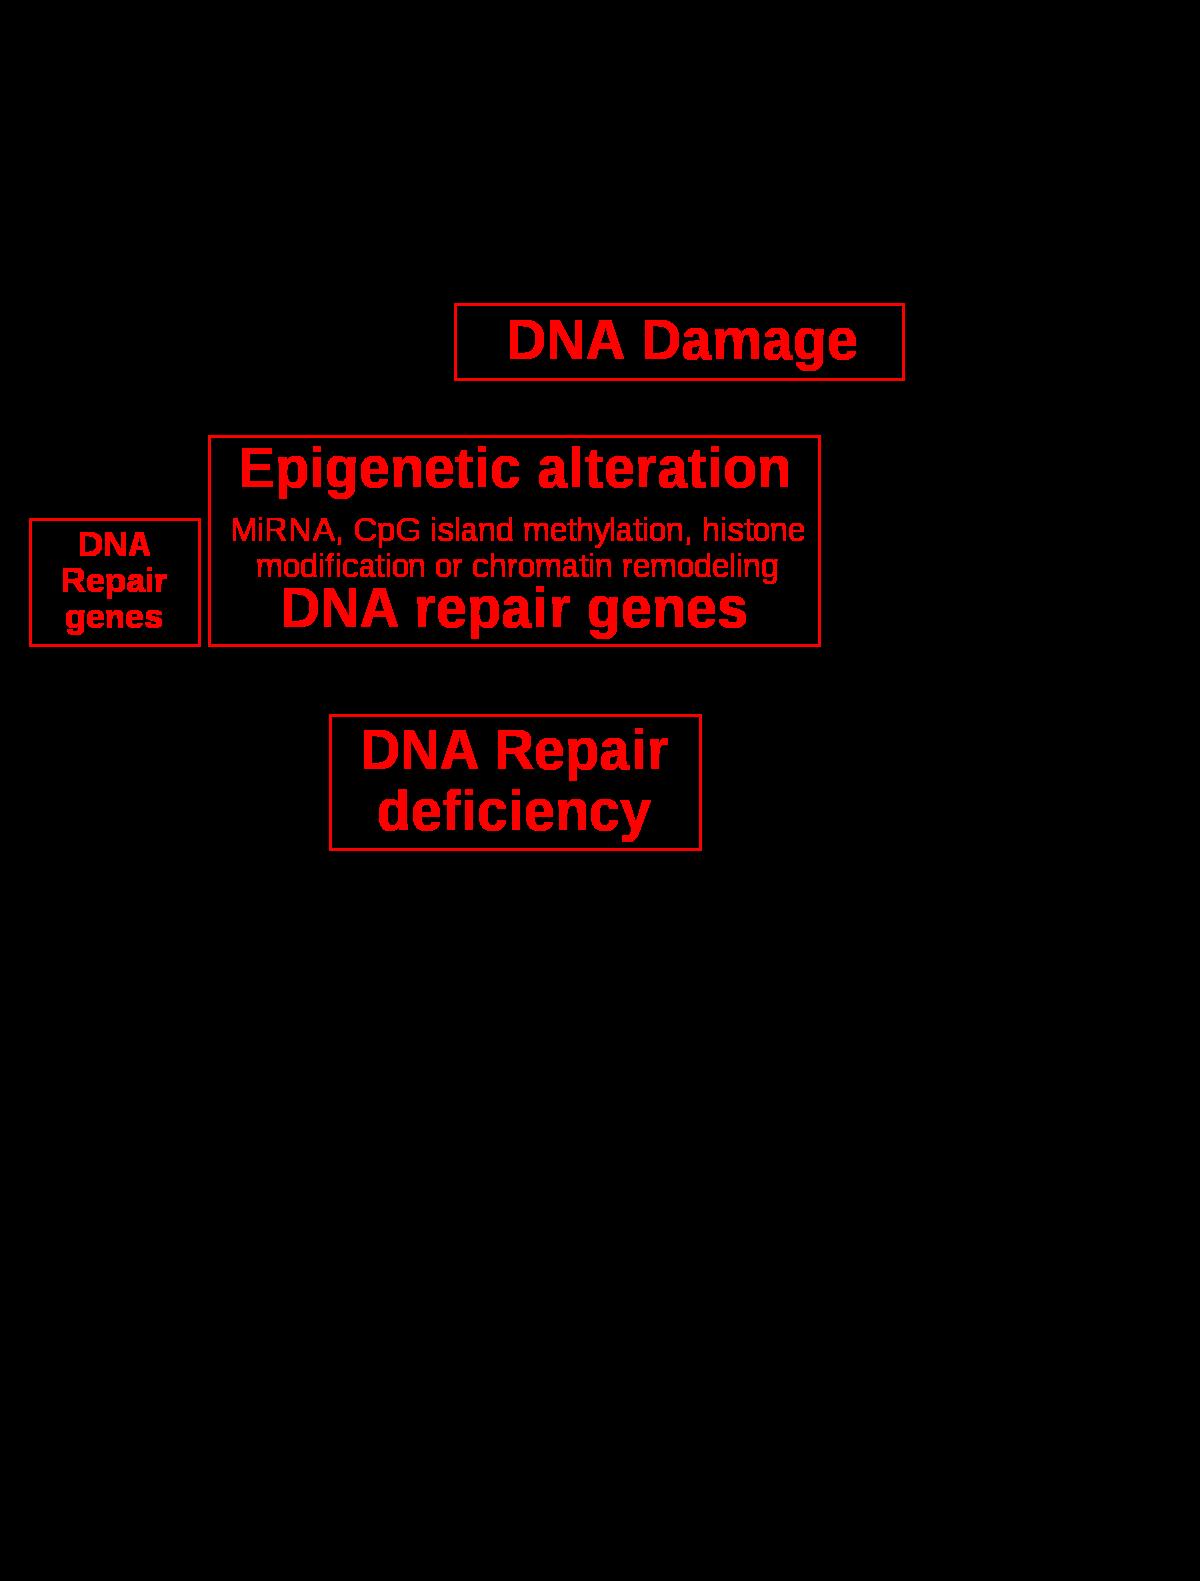 A hpv egy DNS vírus